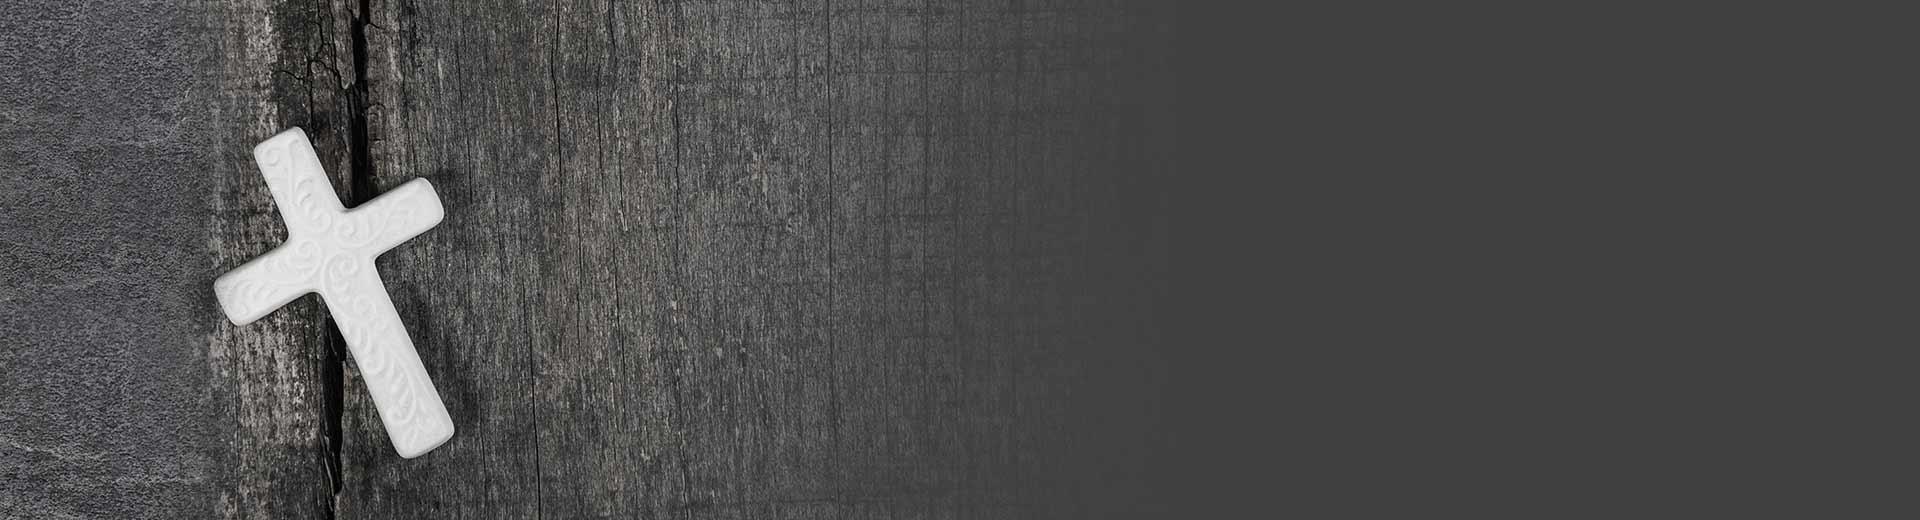 Weisses Kreuz vor schwarzer Holzwand